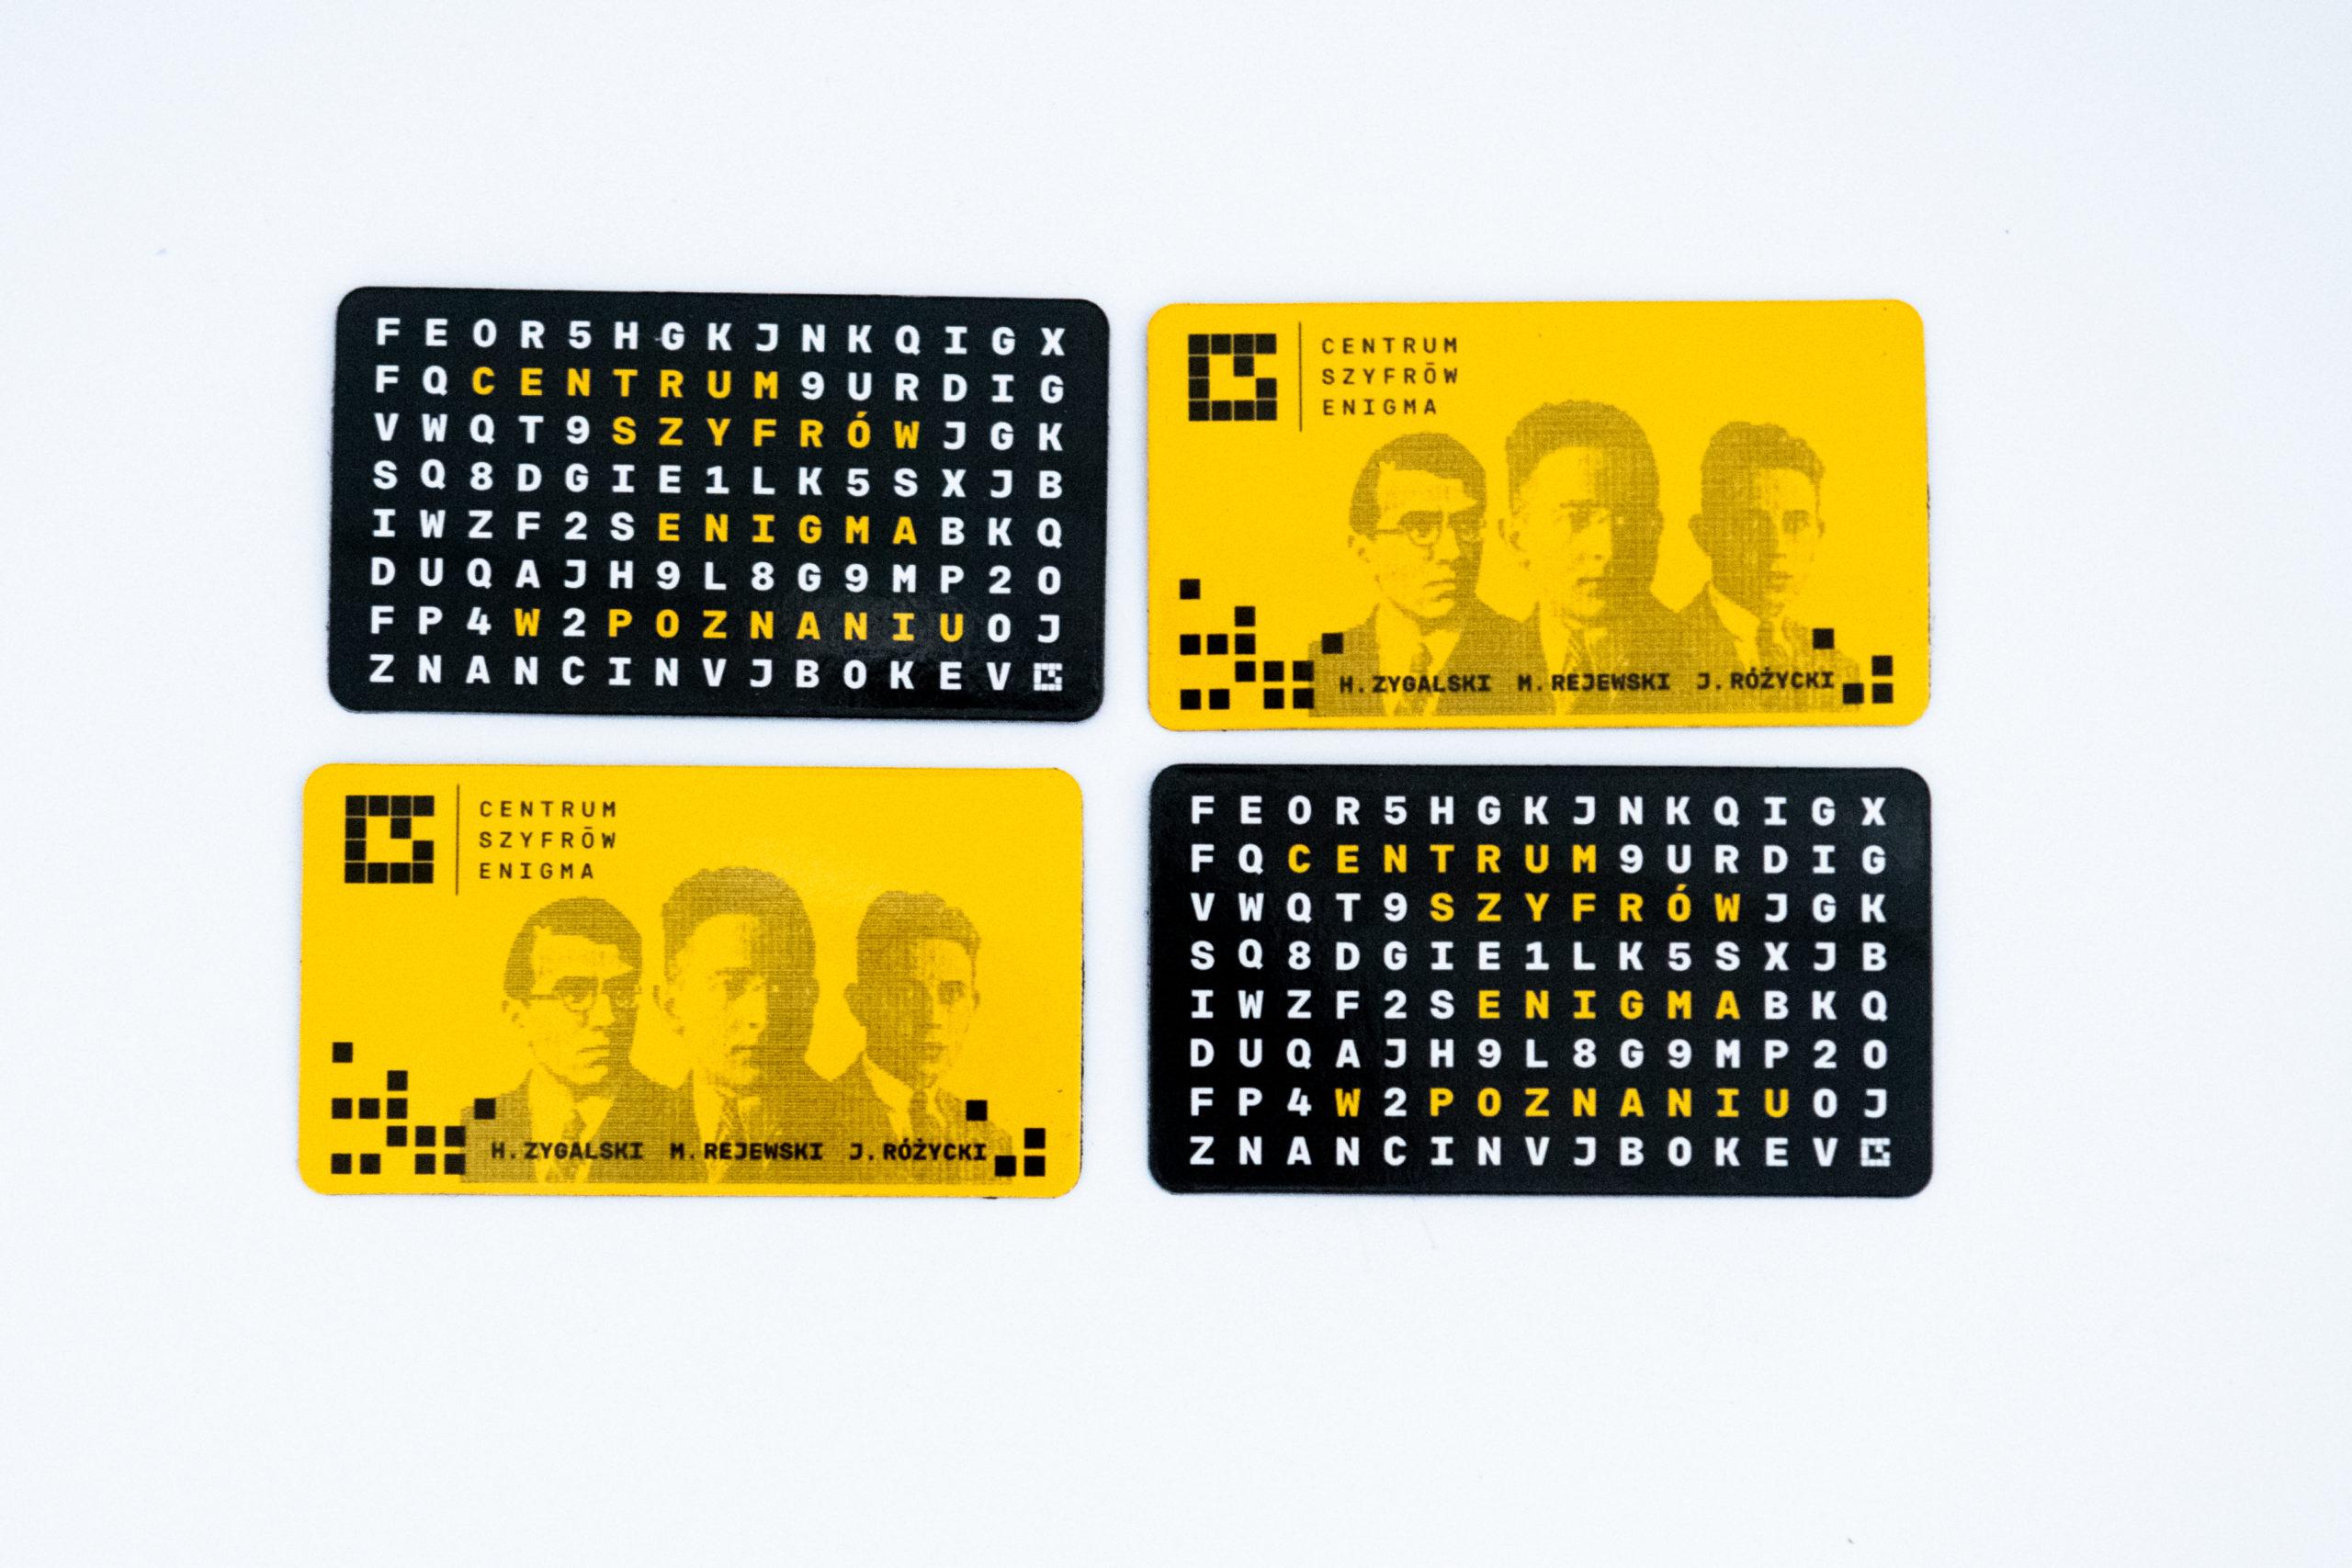 Magnesy Centrum Szyfrów Enigma